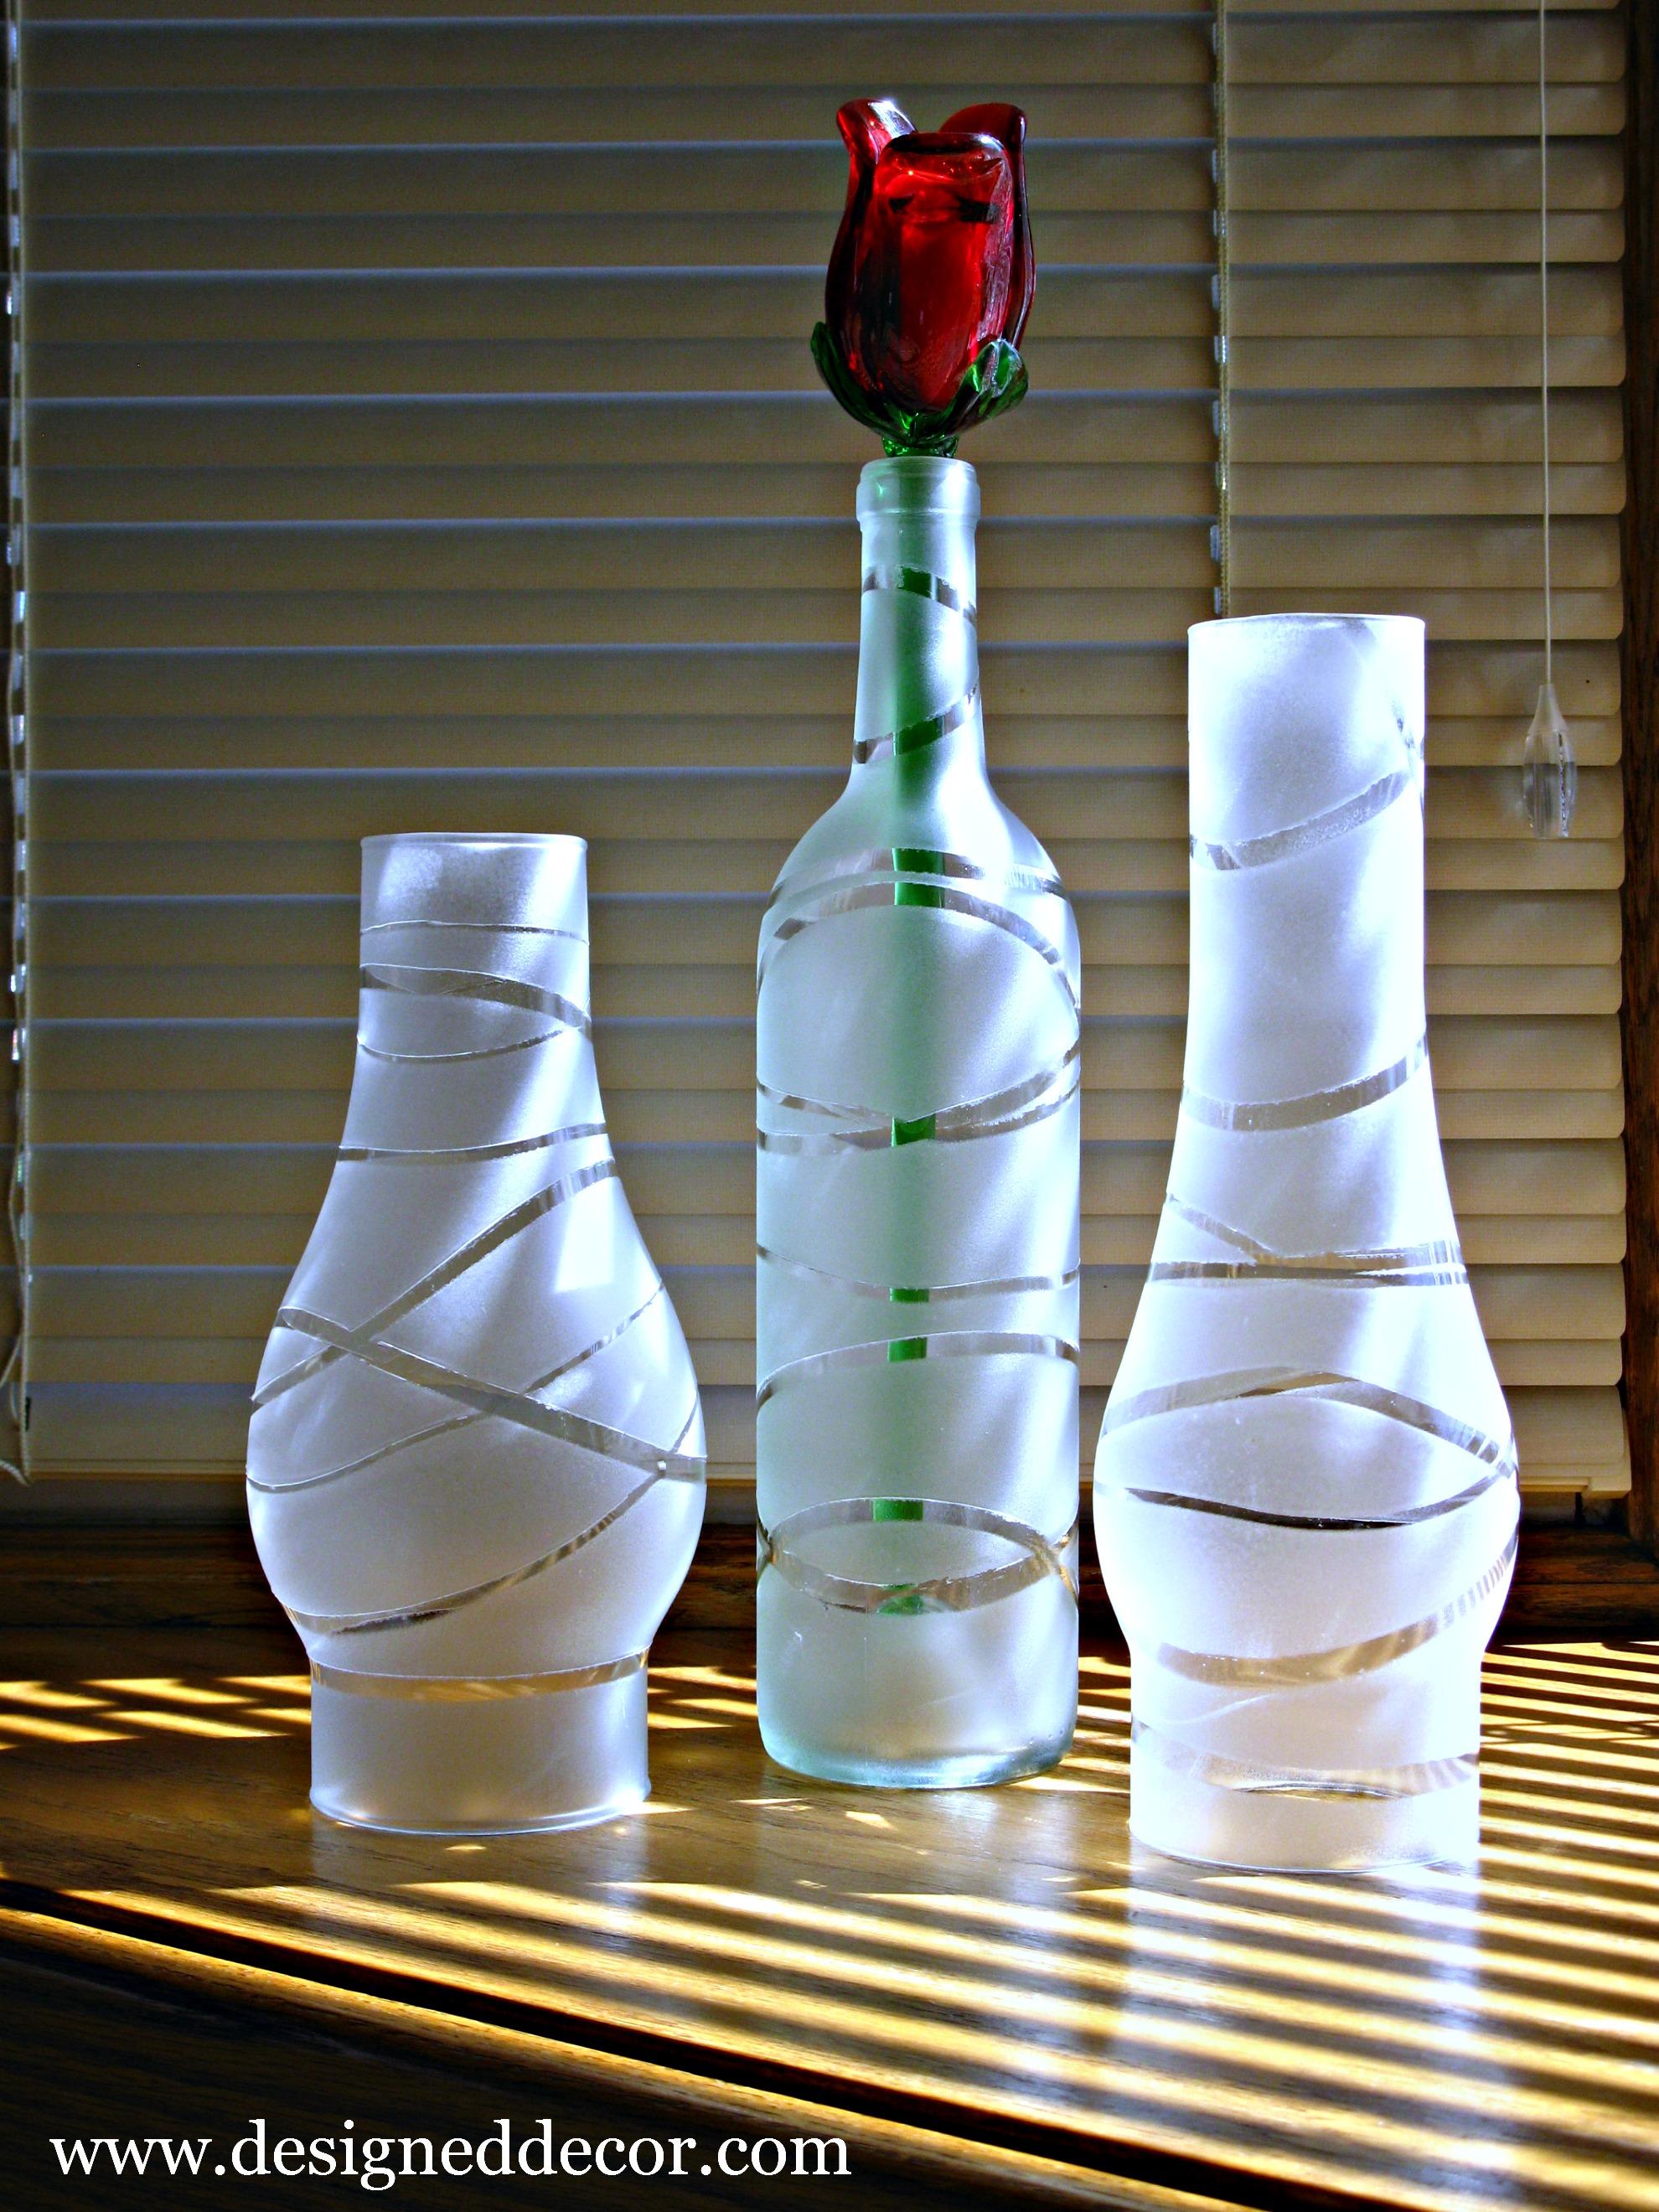 diy painted jars and bottles designed decor. Black Bedroom Furniture Sets. Home Design Ideas